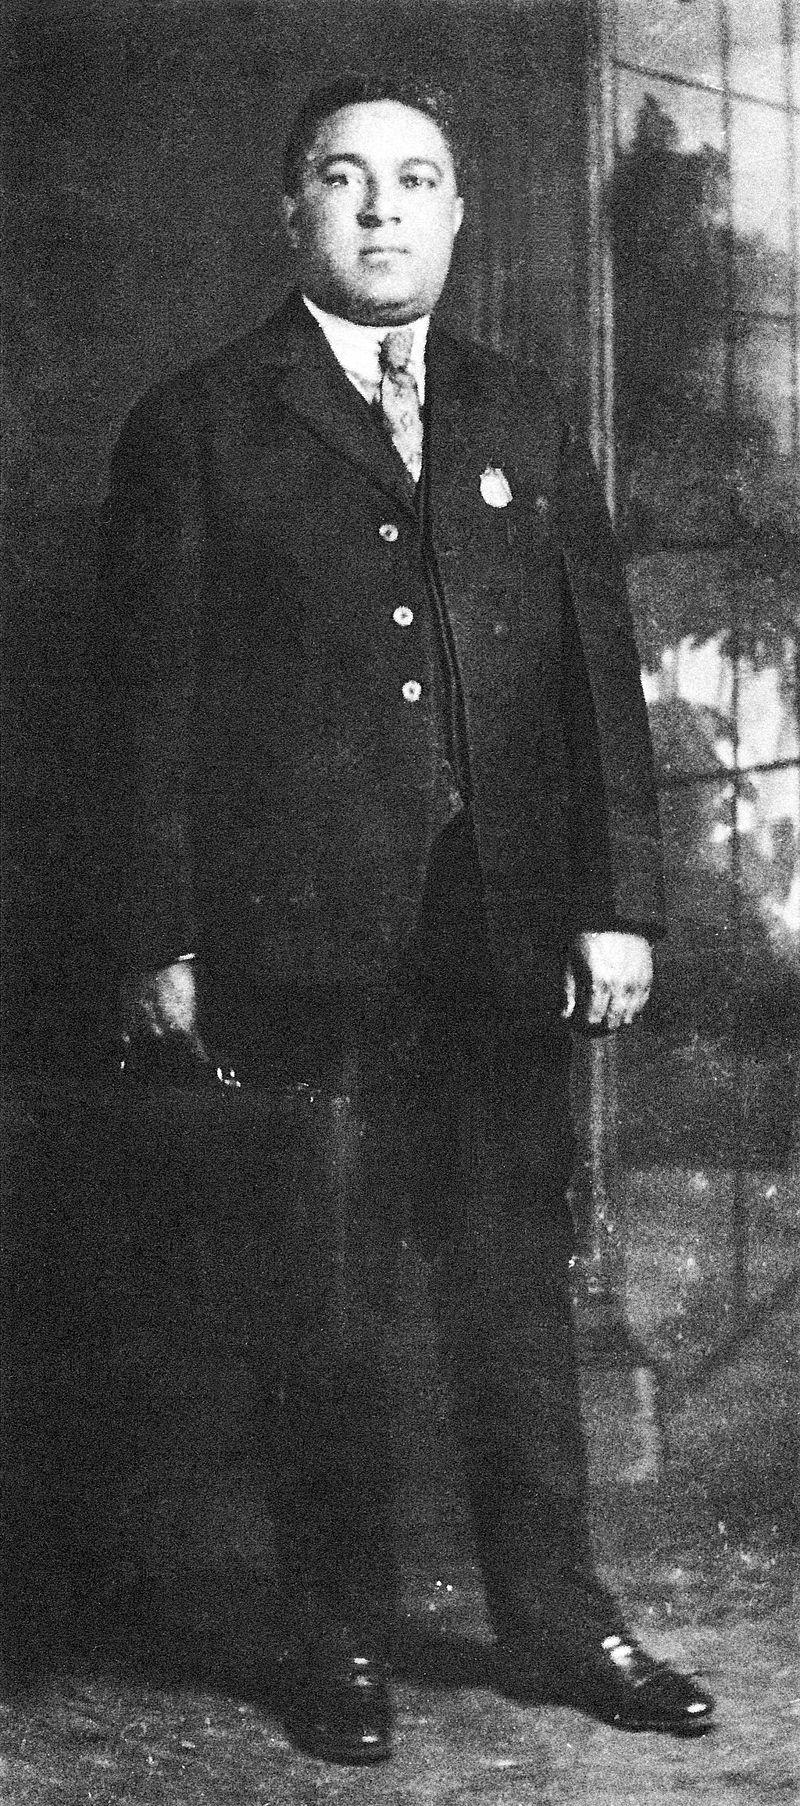 Jimmie Noone c. 1920